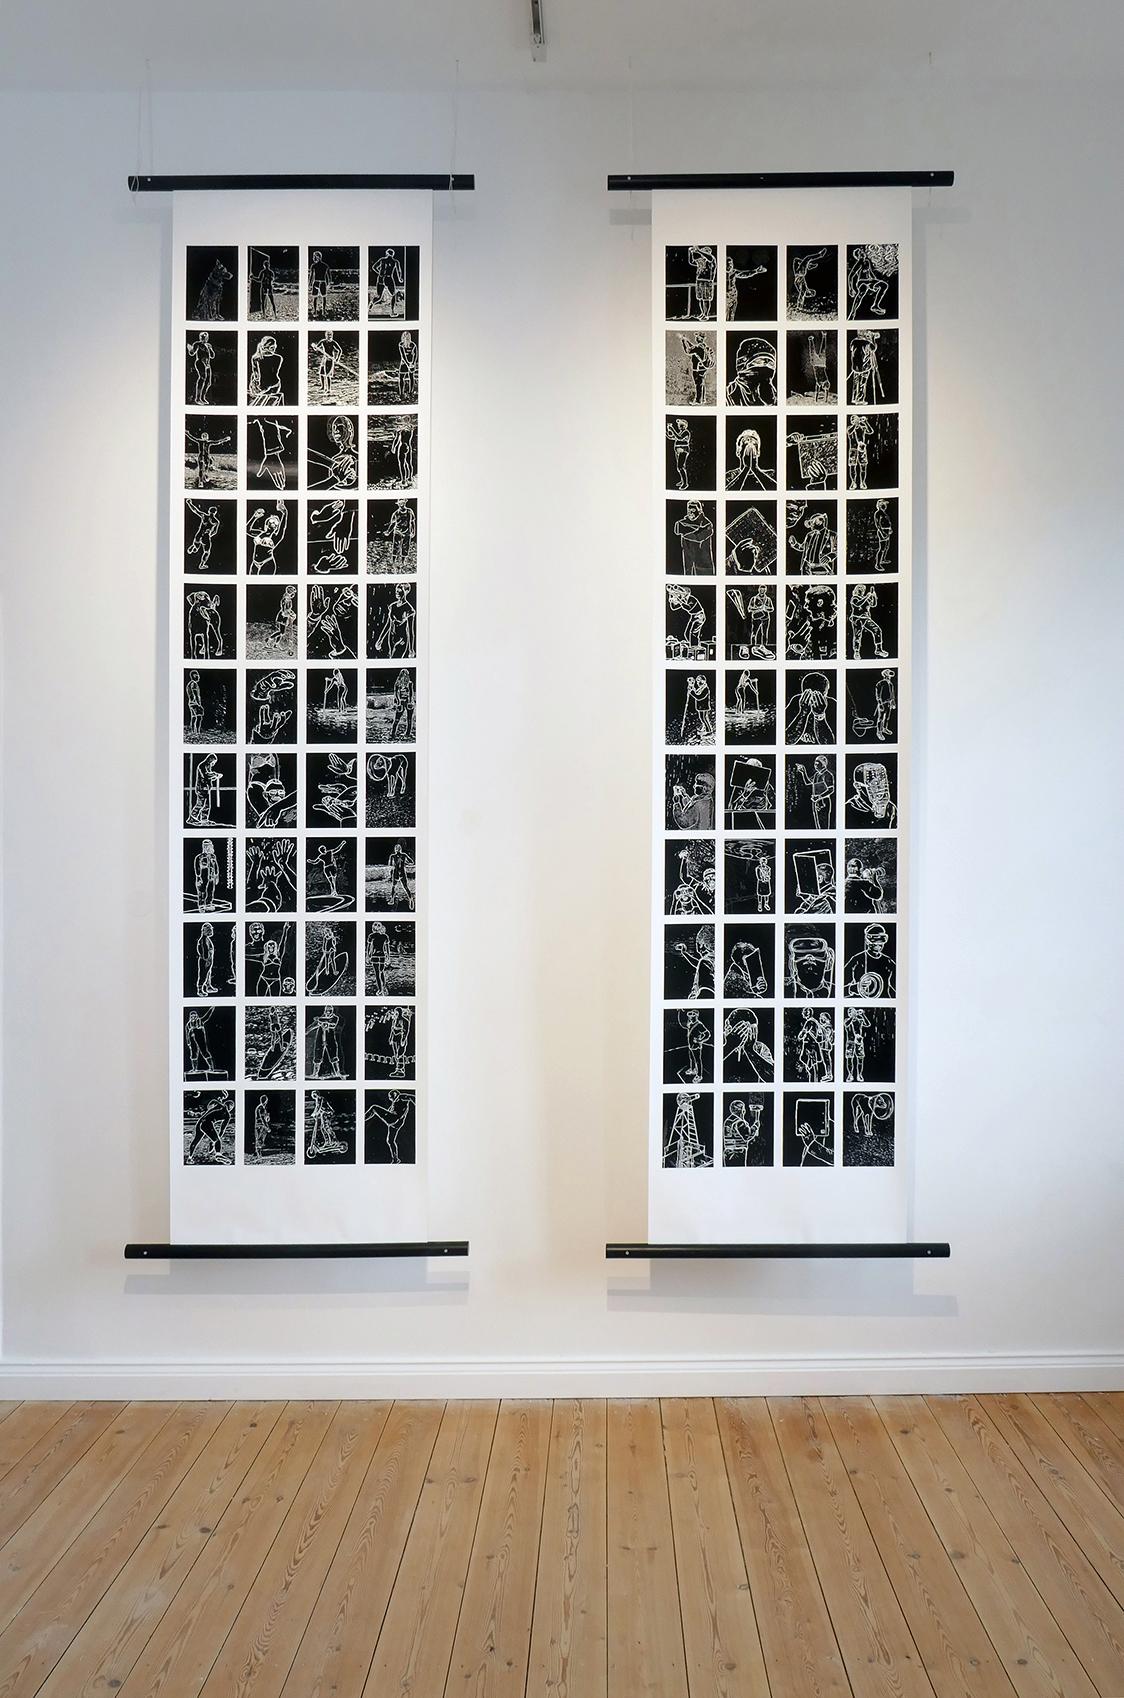 Ausstellung mit Blicken gefüttert Bildrollen